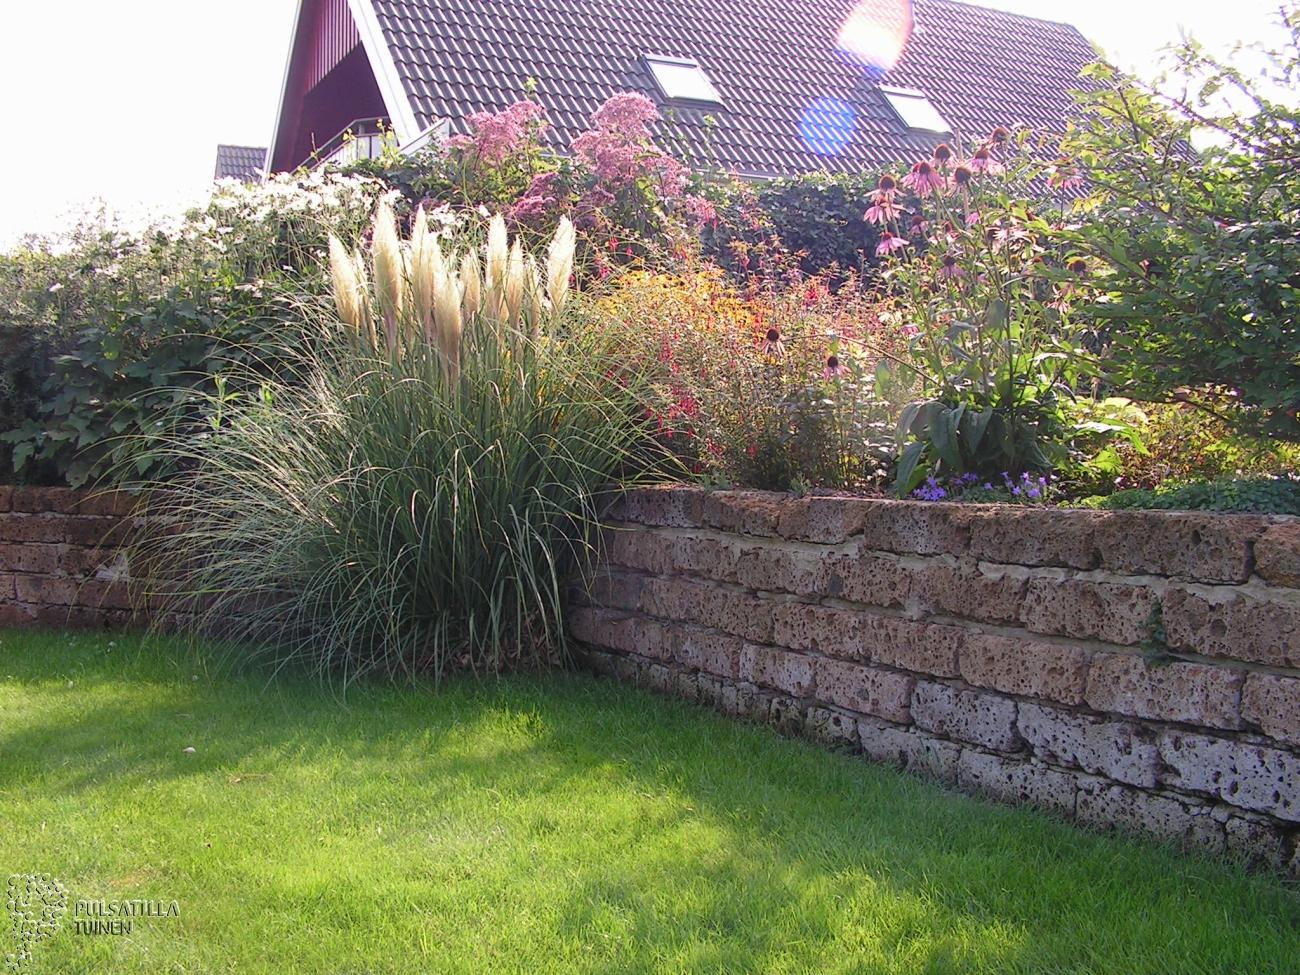 Stenen muur voor tuin beste inspiratie voor interieur design en meubels idee n for Tuin decoratie met stenen